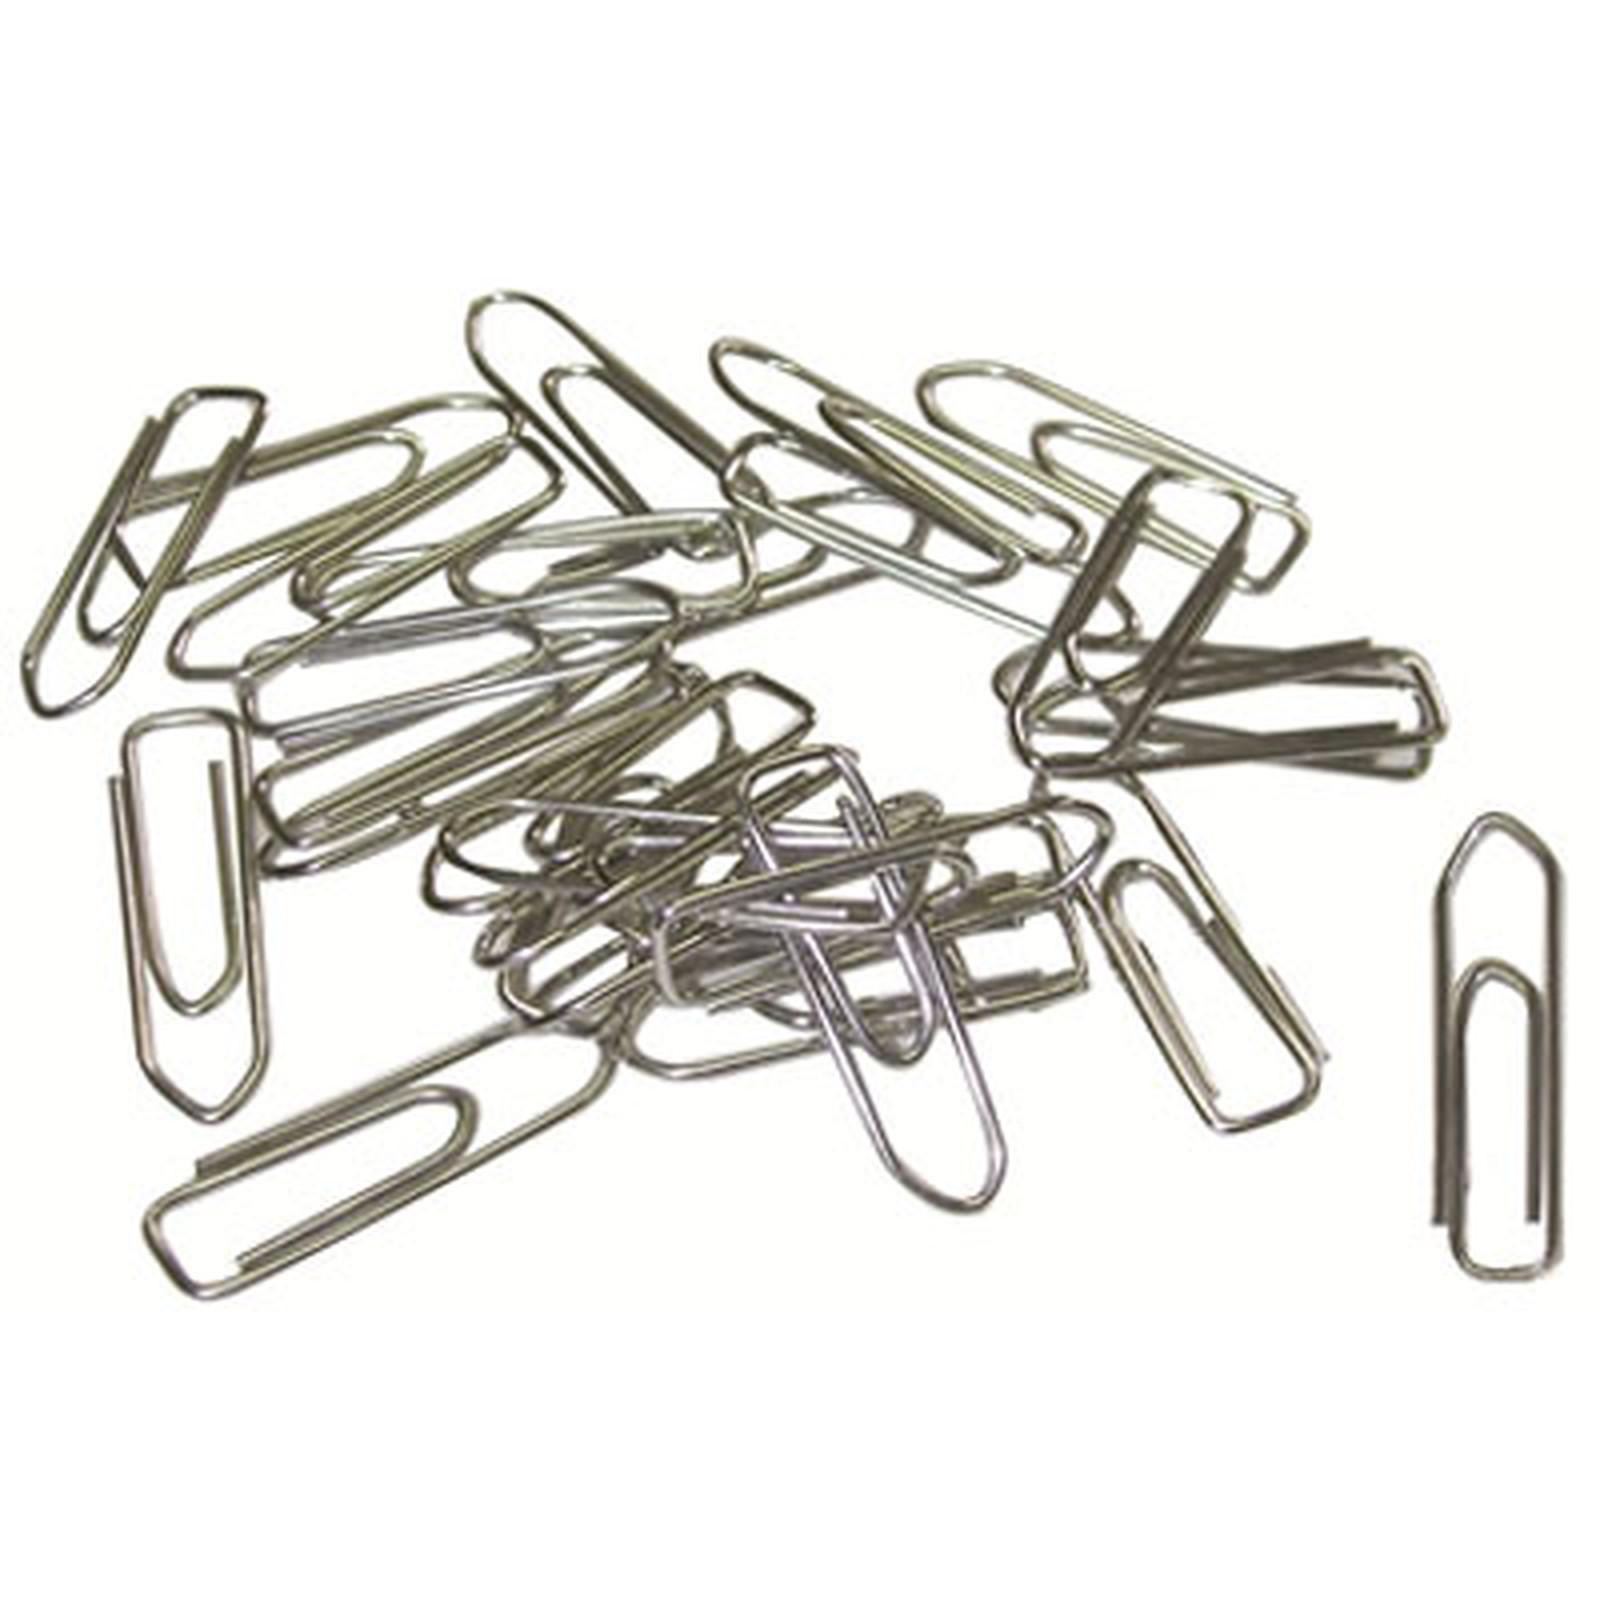 Clips de acero galvanizado 32 mm (caja de 1000 unidades)